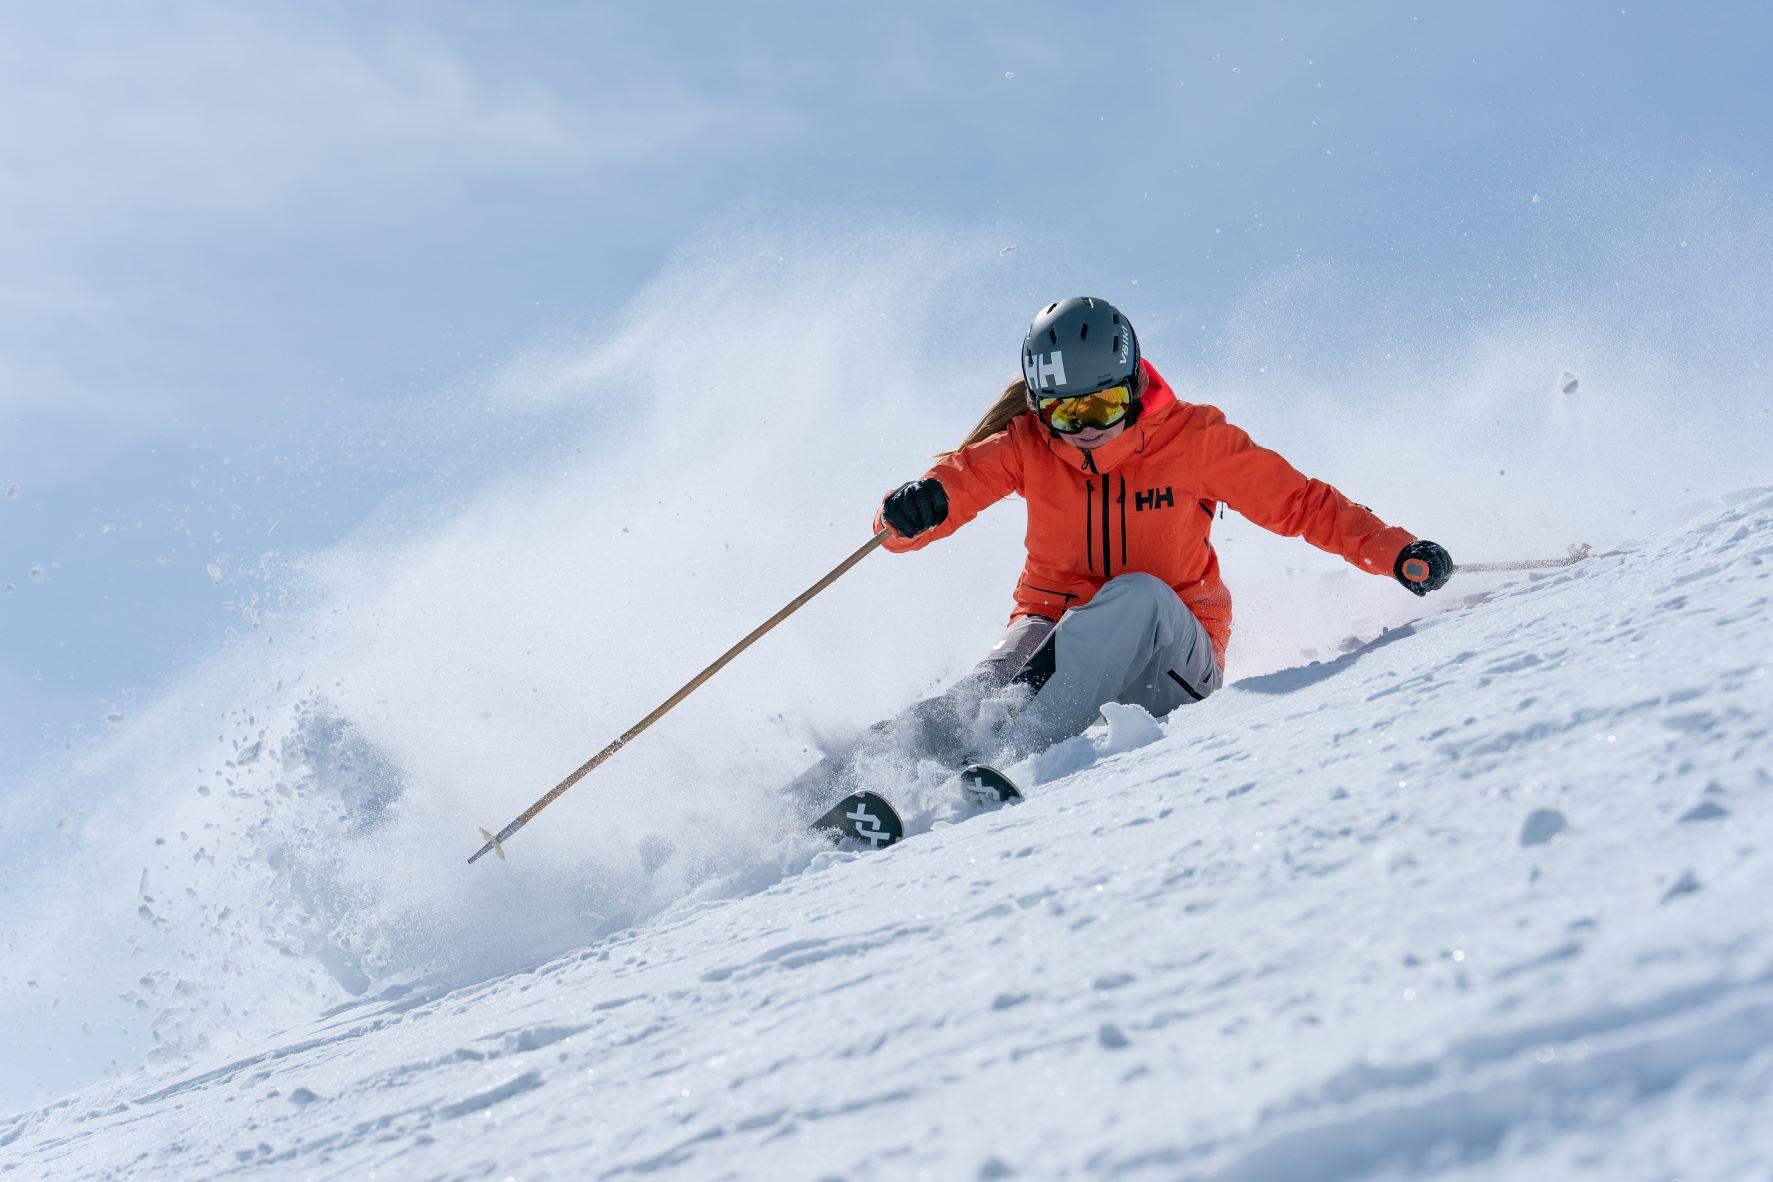 Kaylin Richardson skiing a steep turn at Sun Valley